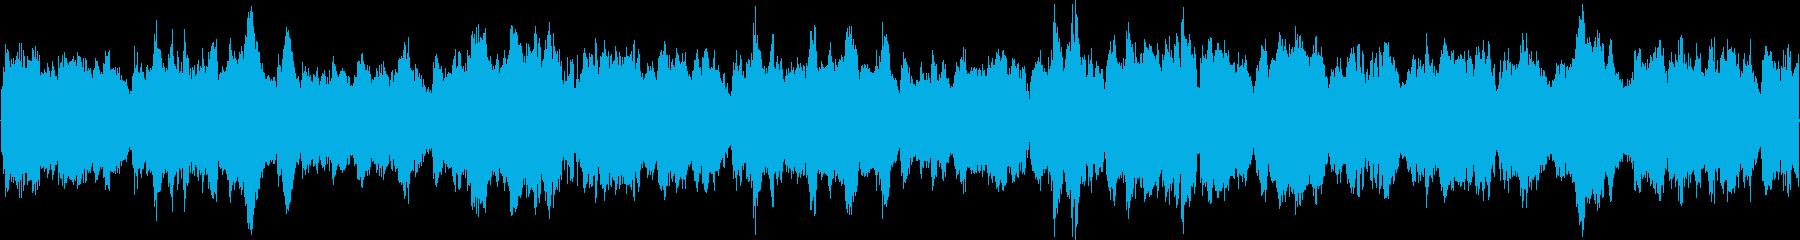 中国風のループ用BGMの再生済みの波形